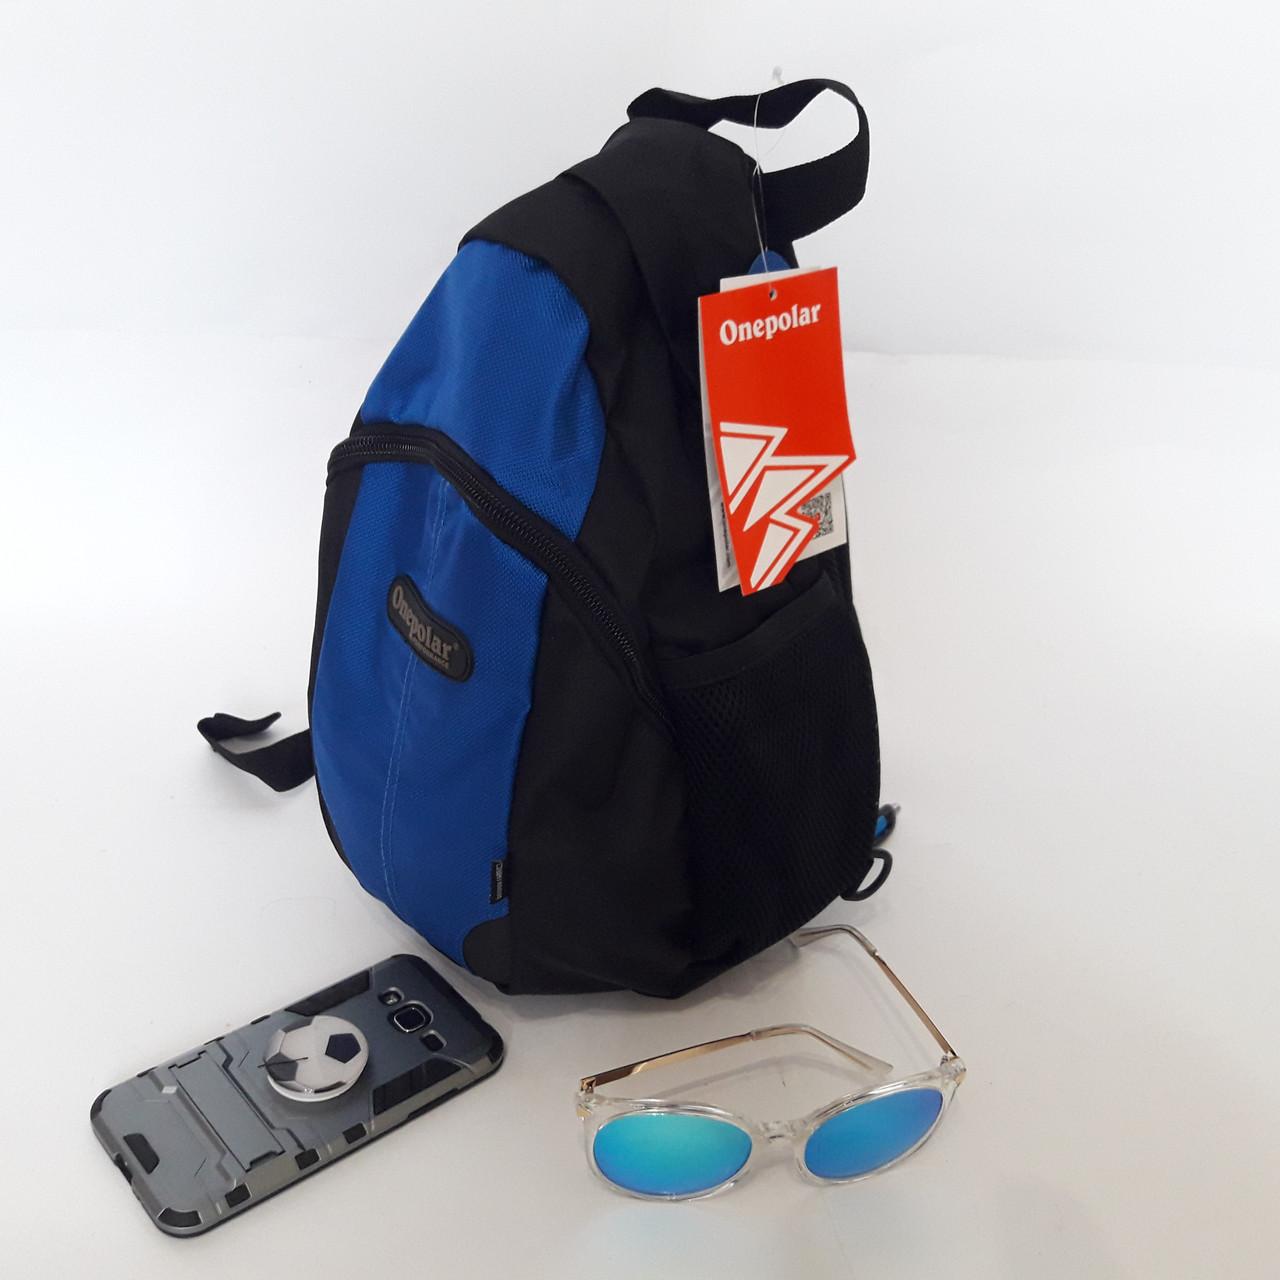 Однолямочный рюкзак 10 л One polar W1292 спортивный городской черно-синий